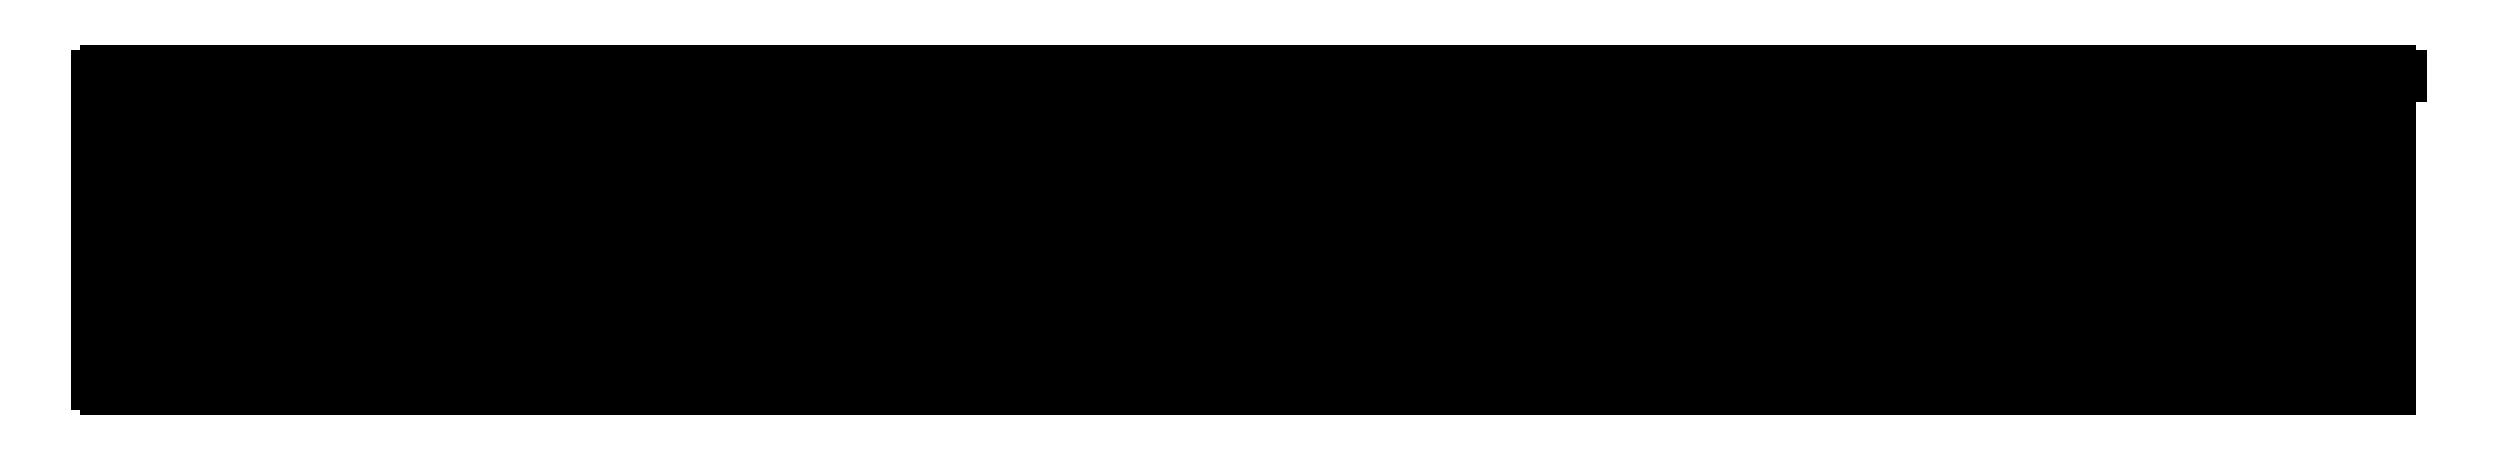 BORAN X PAROT - Agentur für Marken-Kommunikation